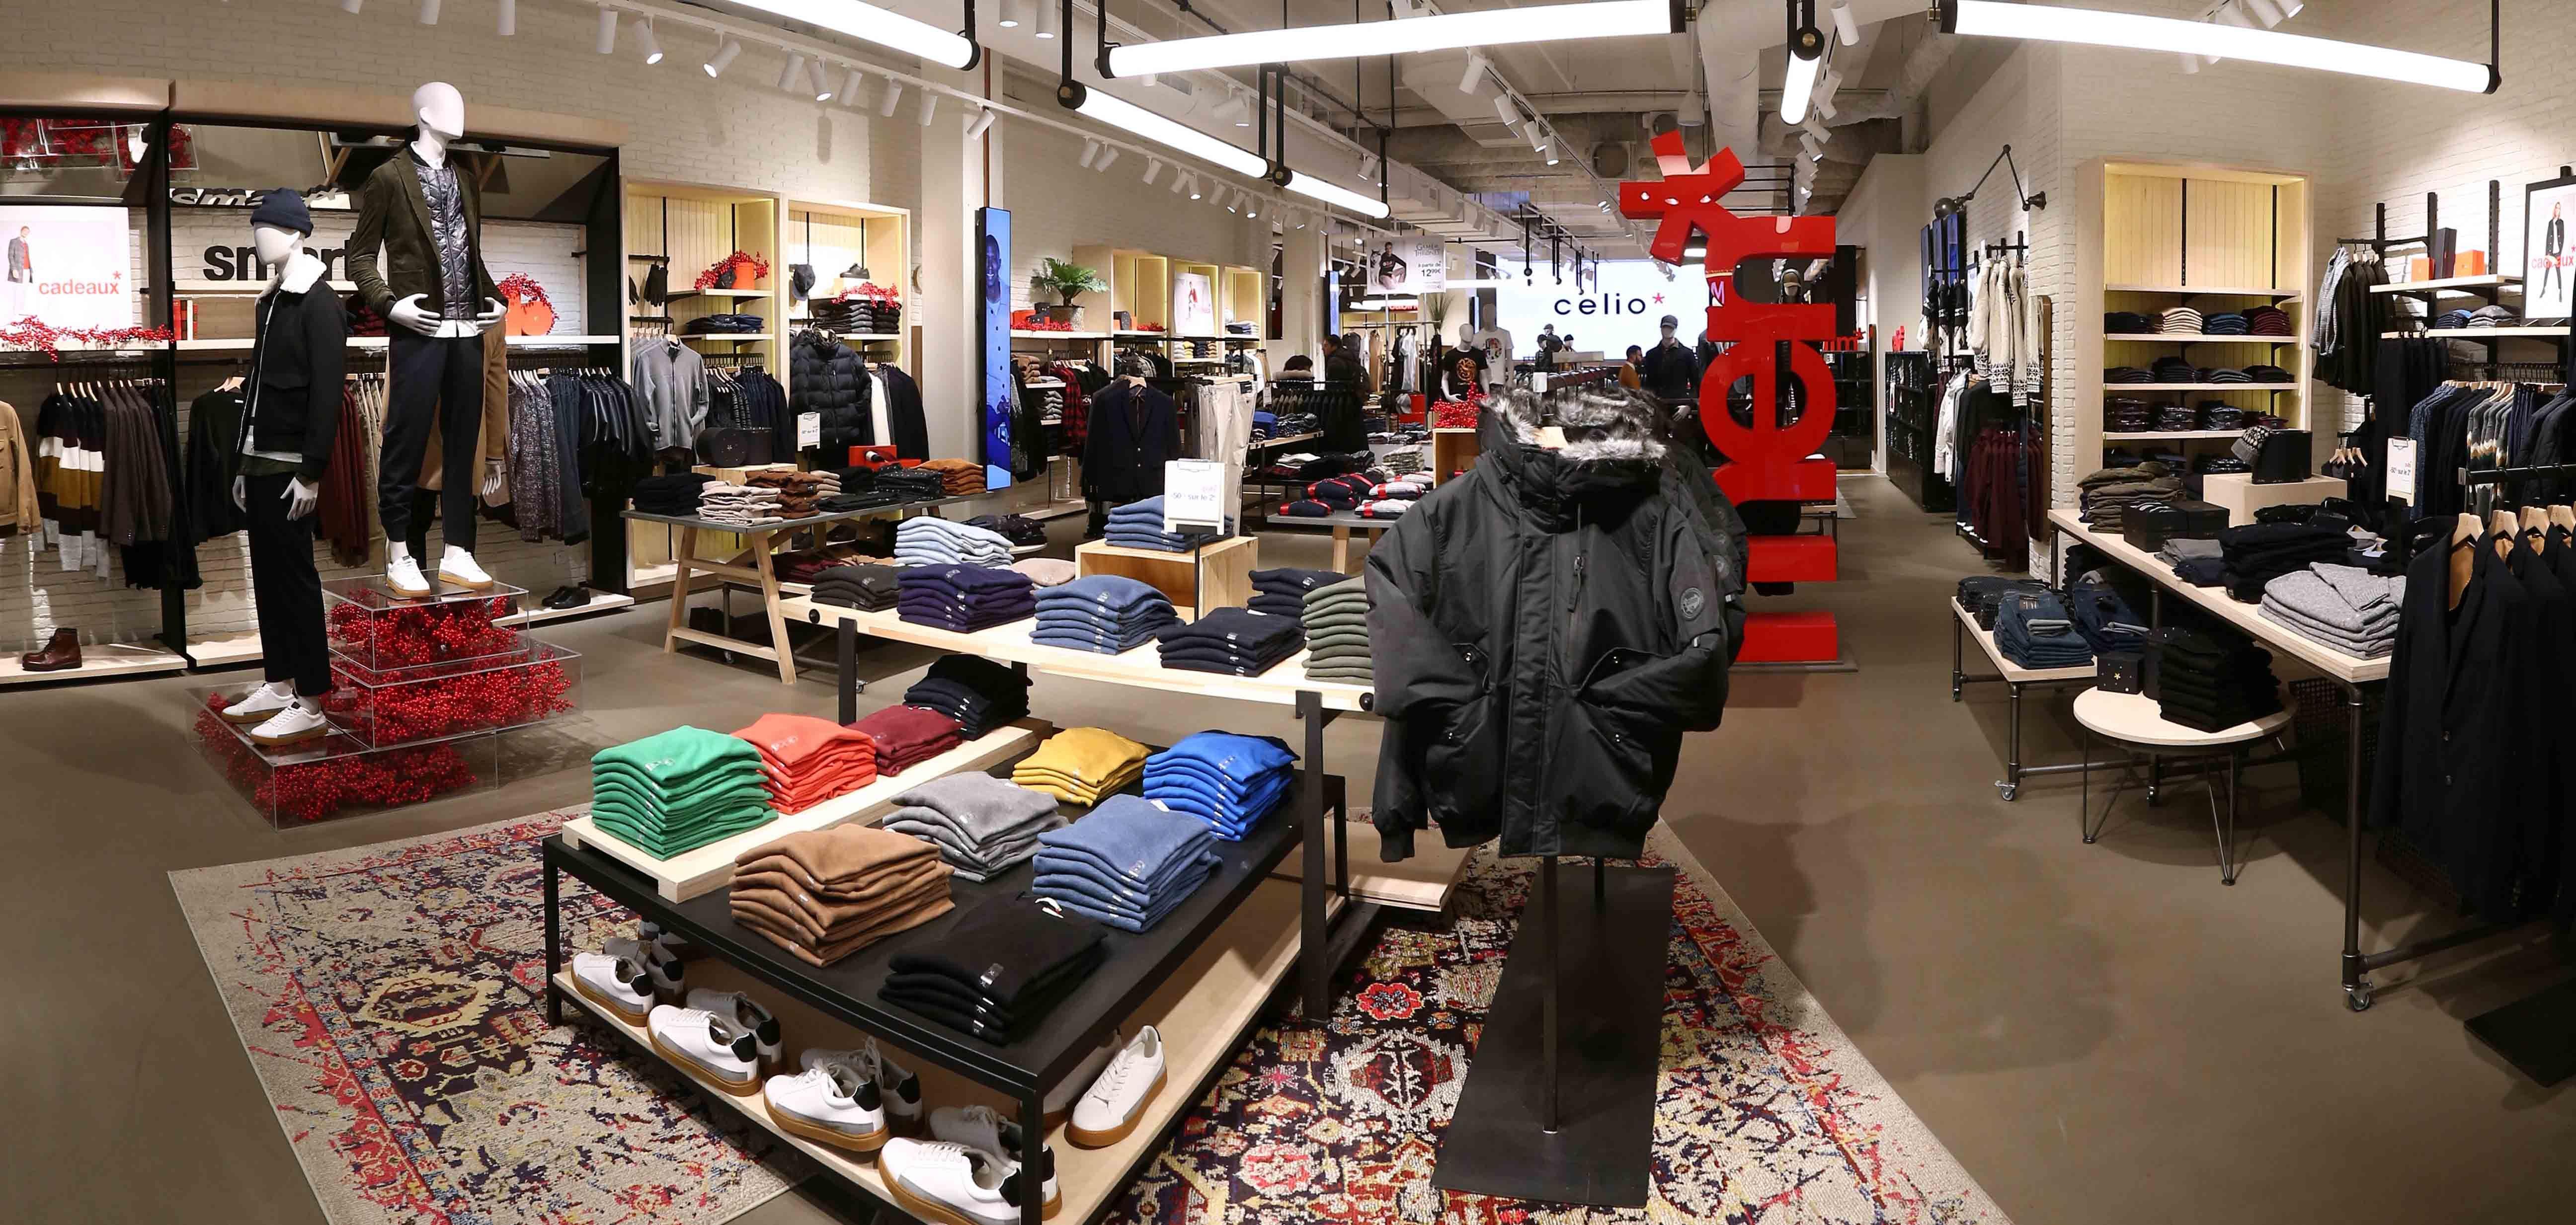 Agencement Et Travaux Tous Corps D Etat Magasin Celio Lyon Part Dieu Pret A Porter Textiles Boutique Vetement